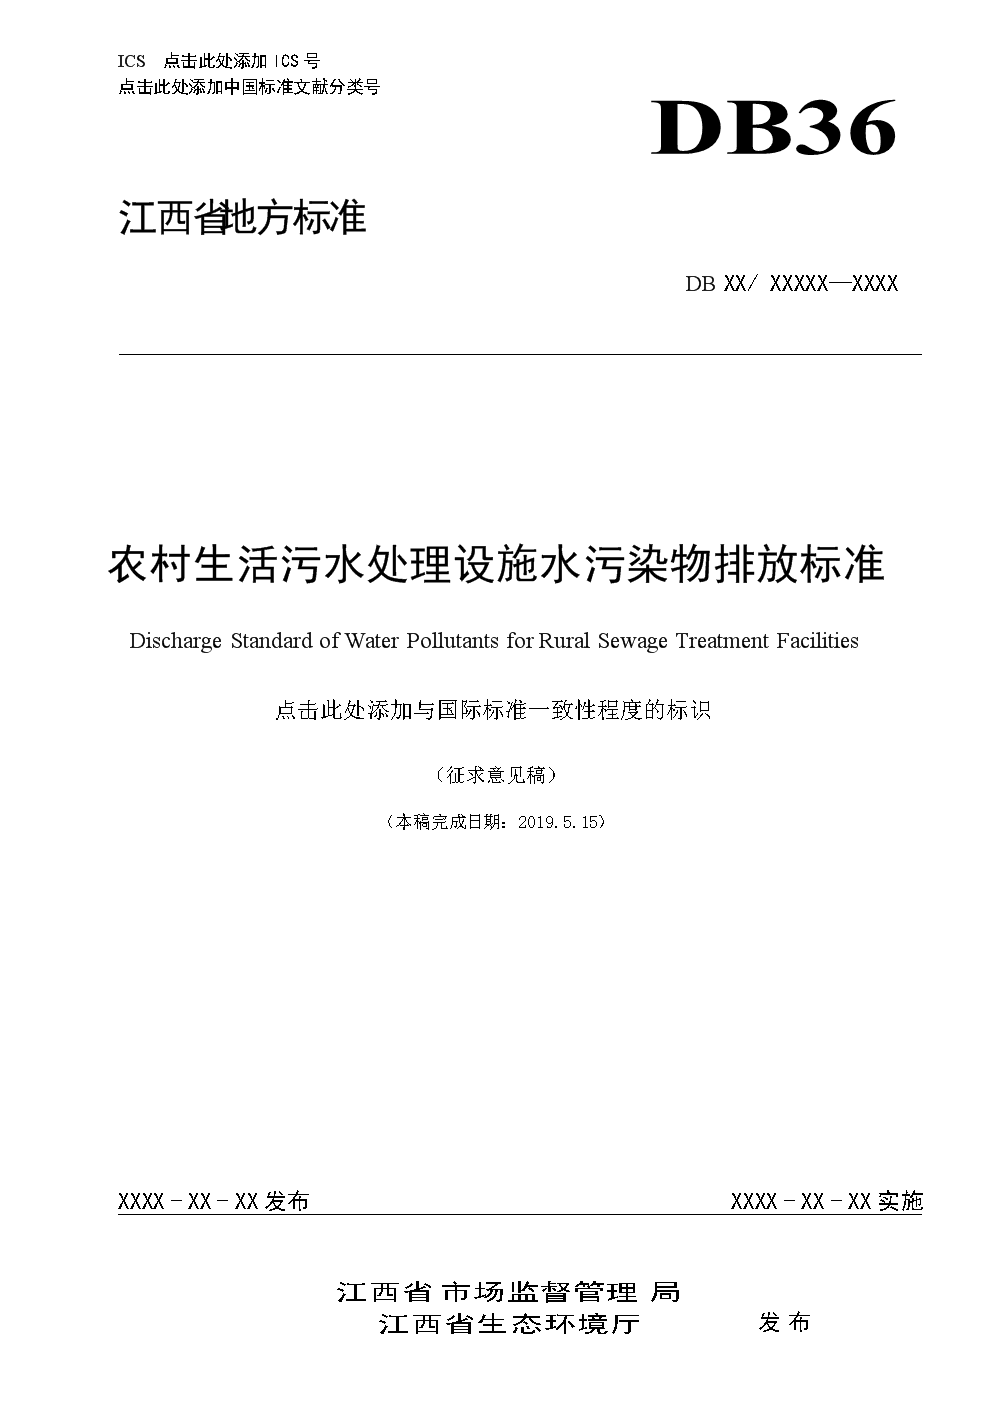 江西省农村生活污水处理设施水污染物排放标准(征求意见稿).doc